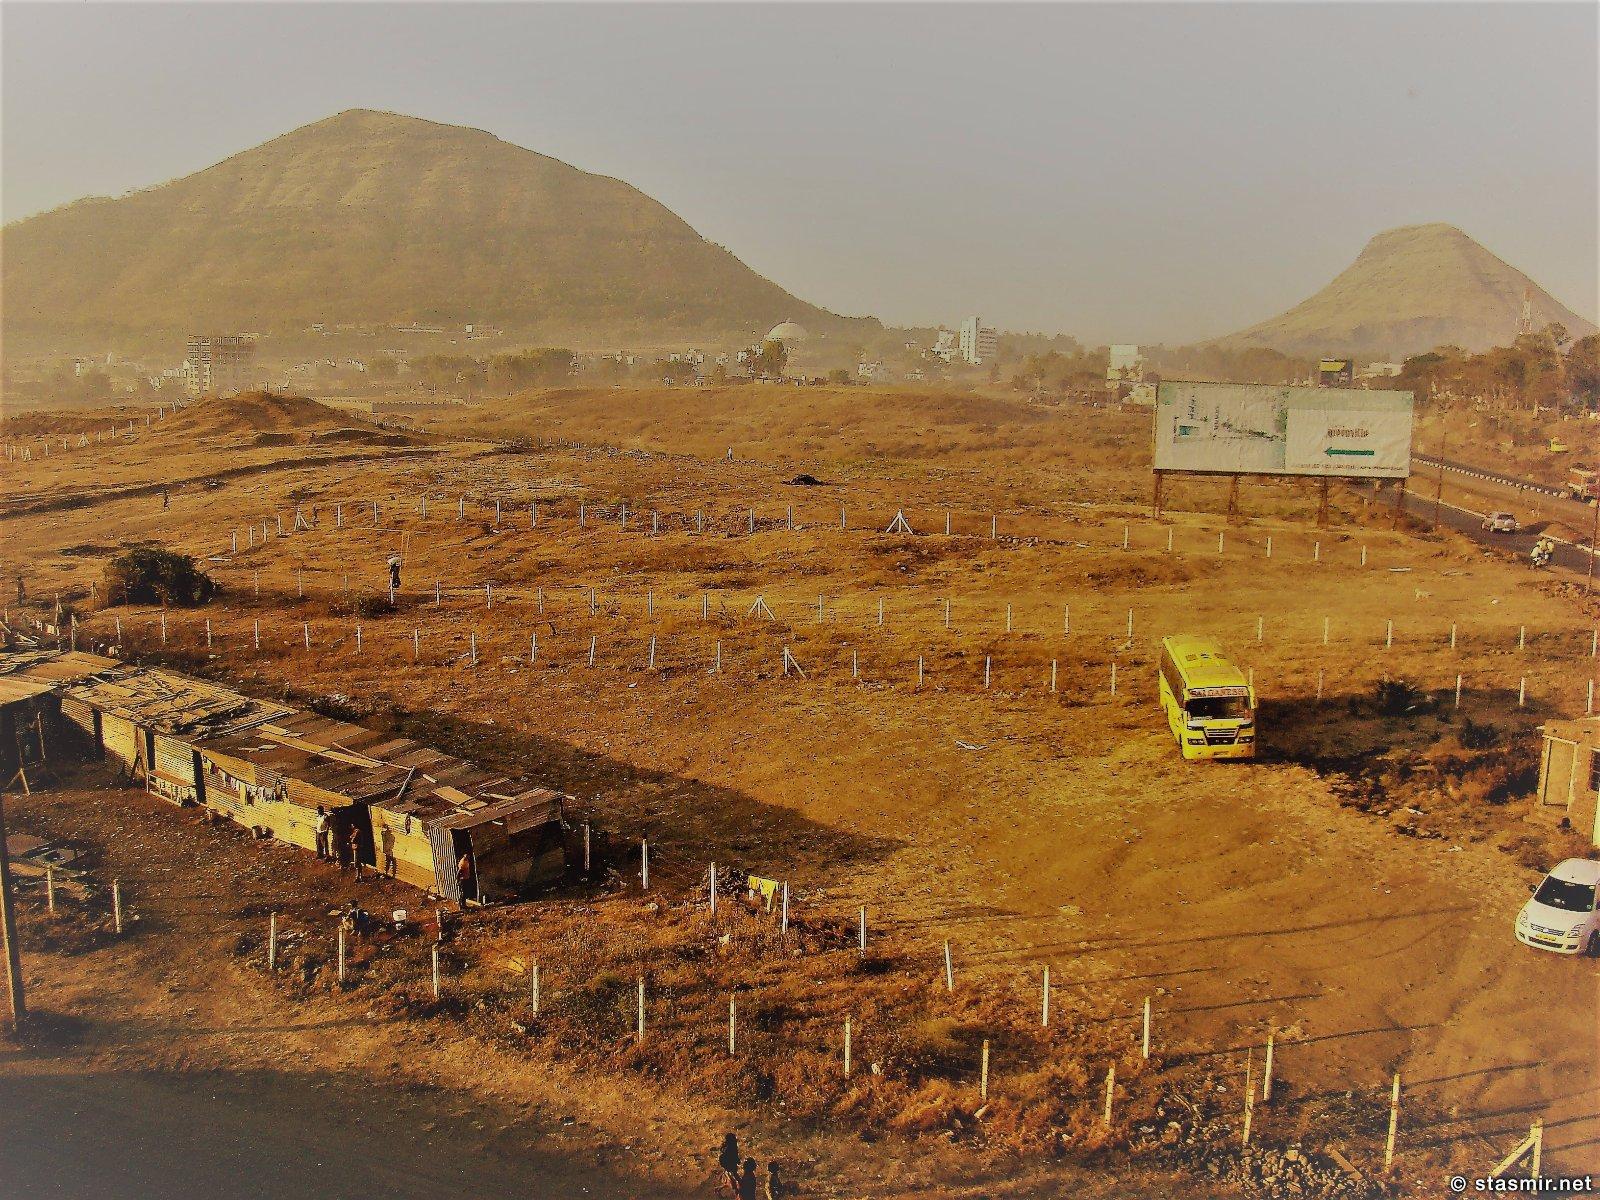 дороги штата Махараштра, Индия, Фото Стасмир, photo Stasmir, декансукое плато в Индии